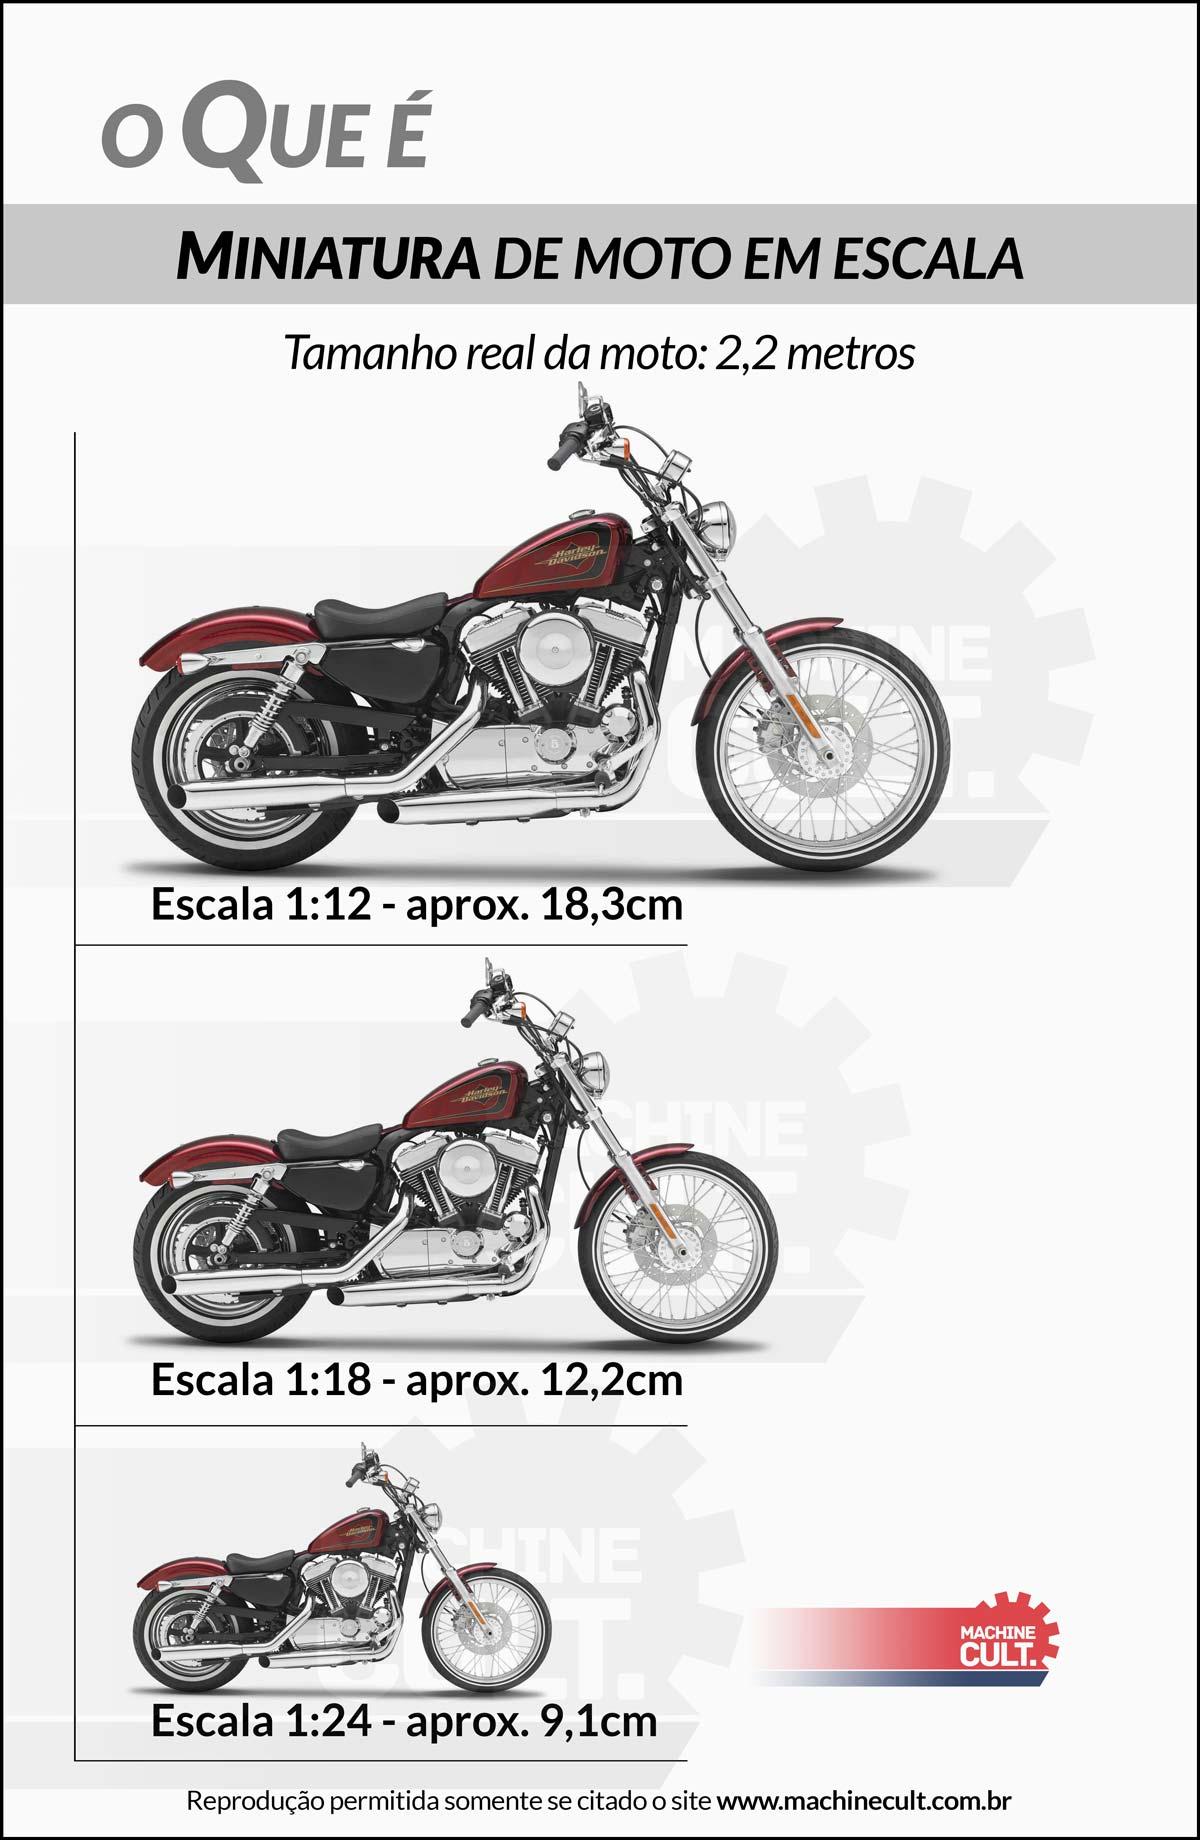 o que é miniatura de moto em escala